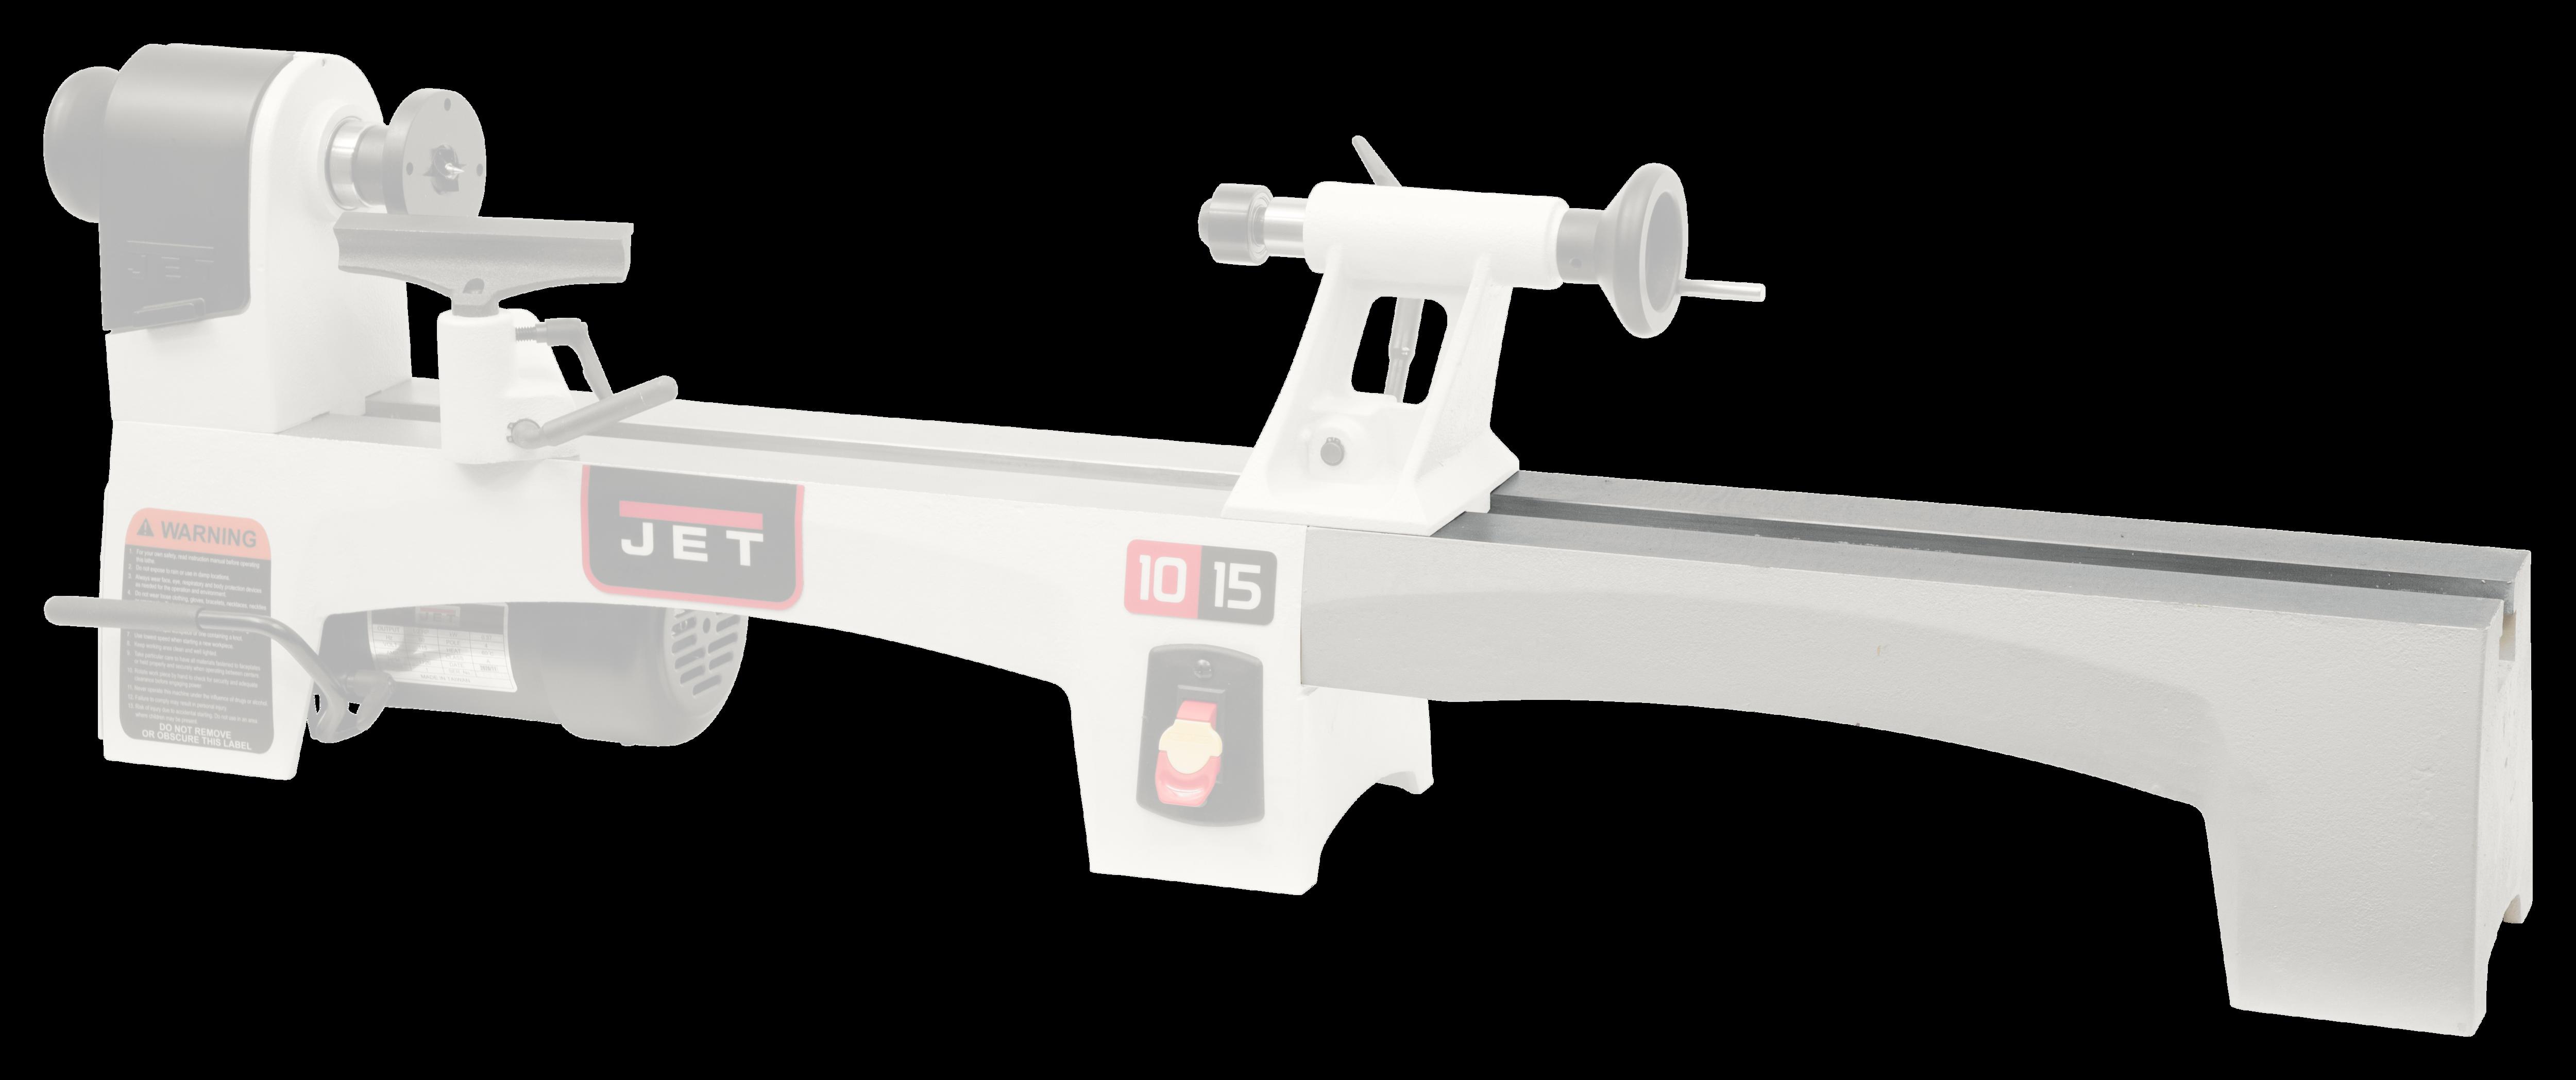 Bed Extension for Jet JWL-1015 Lathe